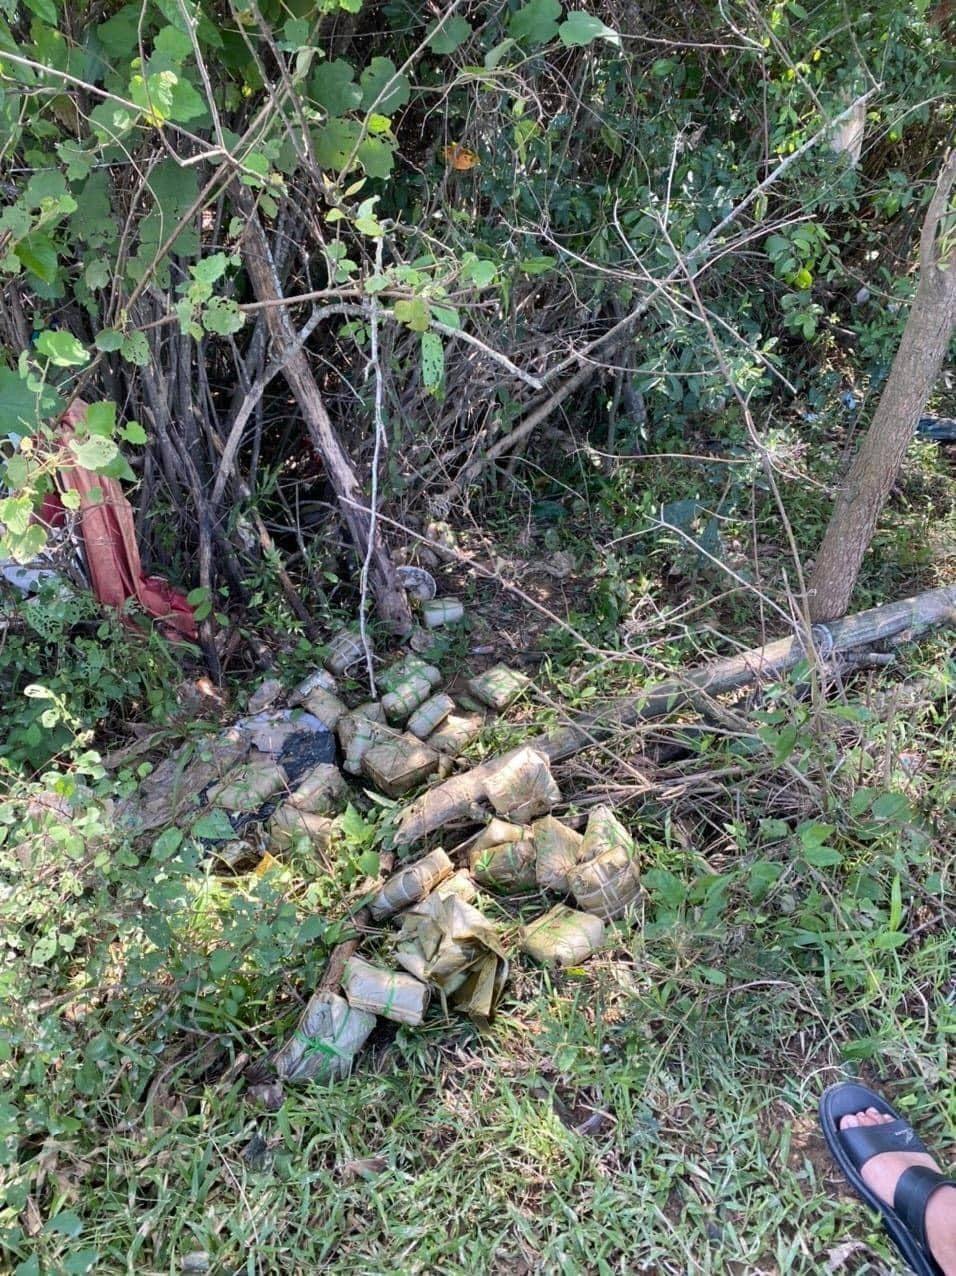 Những chiếc bánh thiu bị vứt bỏ ở vệ đường. Ảnh Tô Nguyệt.